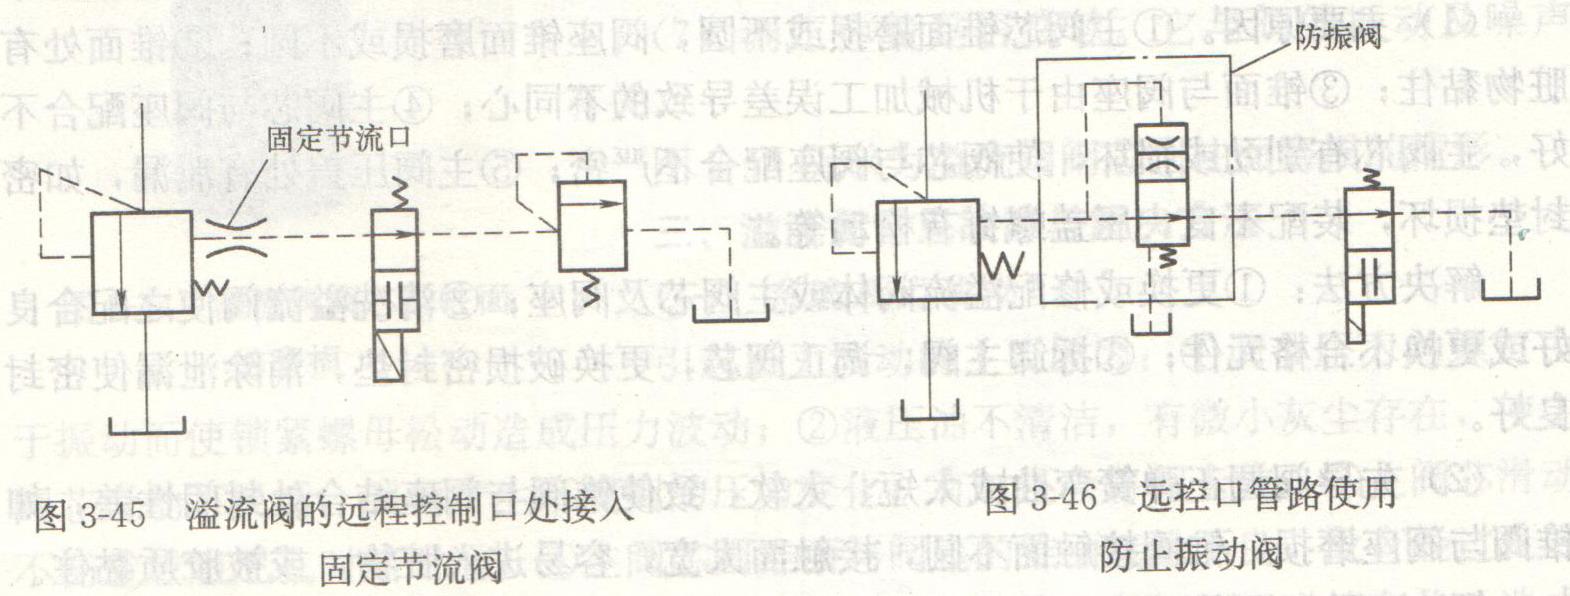 (一)系统压力波动 引起压力波动的主要原因:液压系统调节压力的螺钉由于振动而使锁紧螺母松动造成压力波动;液压油不清洁,有微小灰尘存在,使主阀芯滑动不灵活,因而产生不规则的压力变化,有时还会将阀卡住;主阀芯滑动不畅造成阻尼孔时堵时通;主阀芯圆锥面与阀座的锥面接触不良,没有经过良好磨合;主阀芯的阻尼孔太大,没有起到阻尼作用;先导阀调正弹簧弯曲,造成阀芯与锥阀座接触不好,磨损不均。 解决方法:定时清理油箱、管路,对进入油箱、管路系统的液压油要过滤;如管路中已有过滤器,则应增加二次过滤元件,或调整二